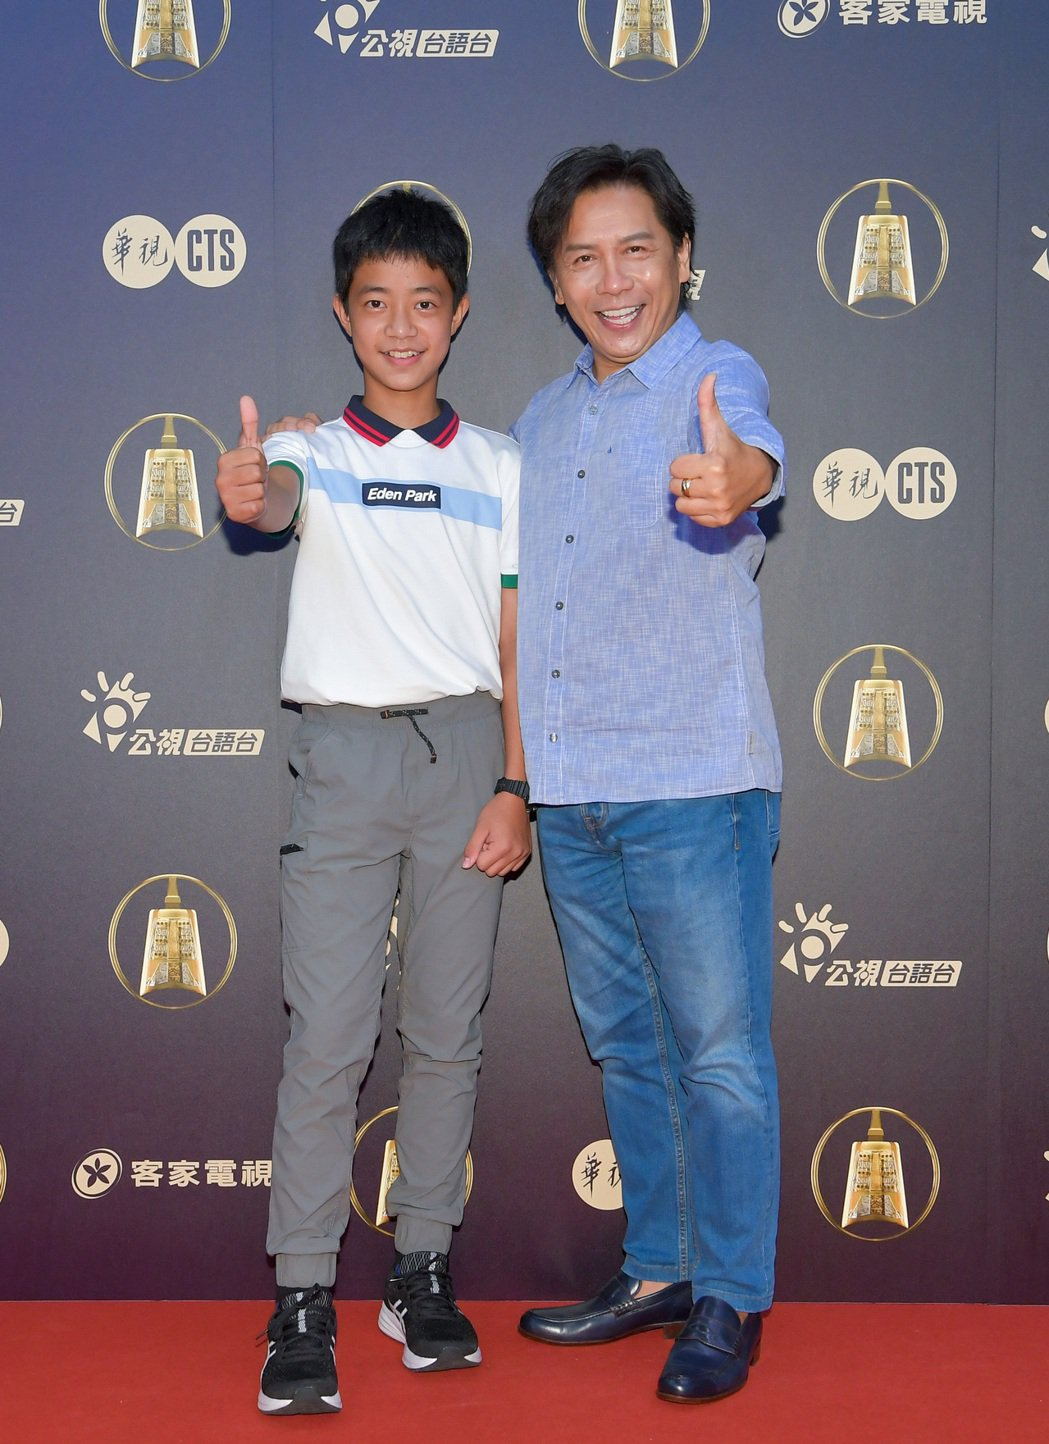 許傑輝(右)、李奕樵入圍金鐘戲劇節目男主角獎,老將新兵同比讚。圖/公視提供